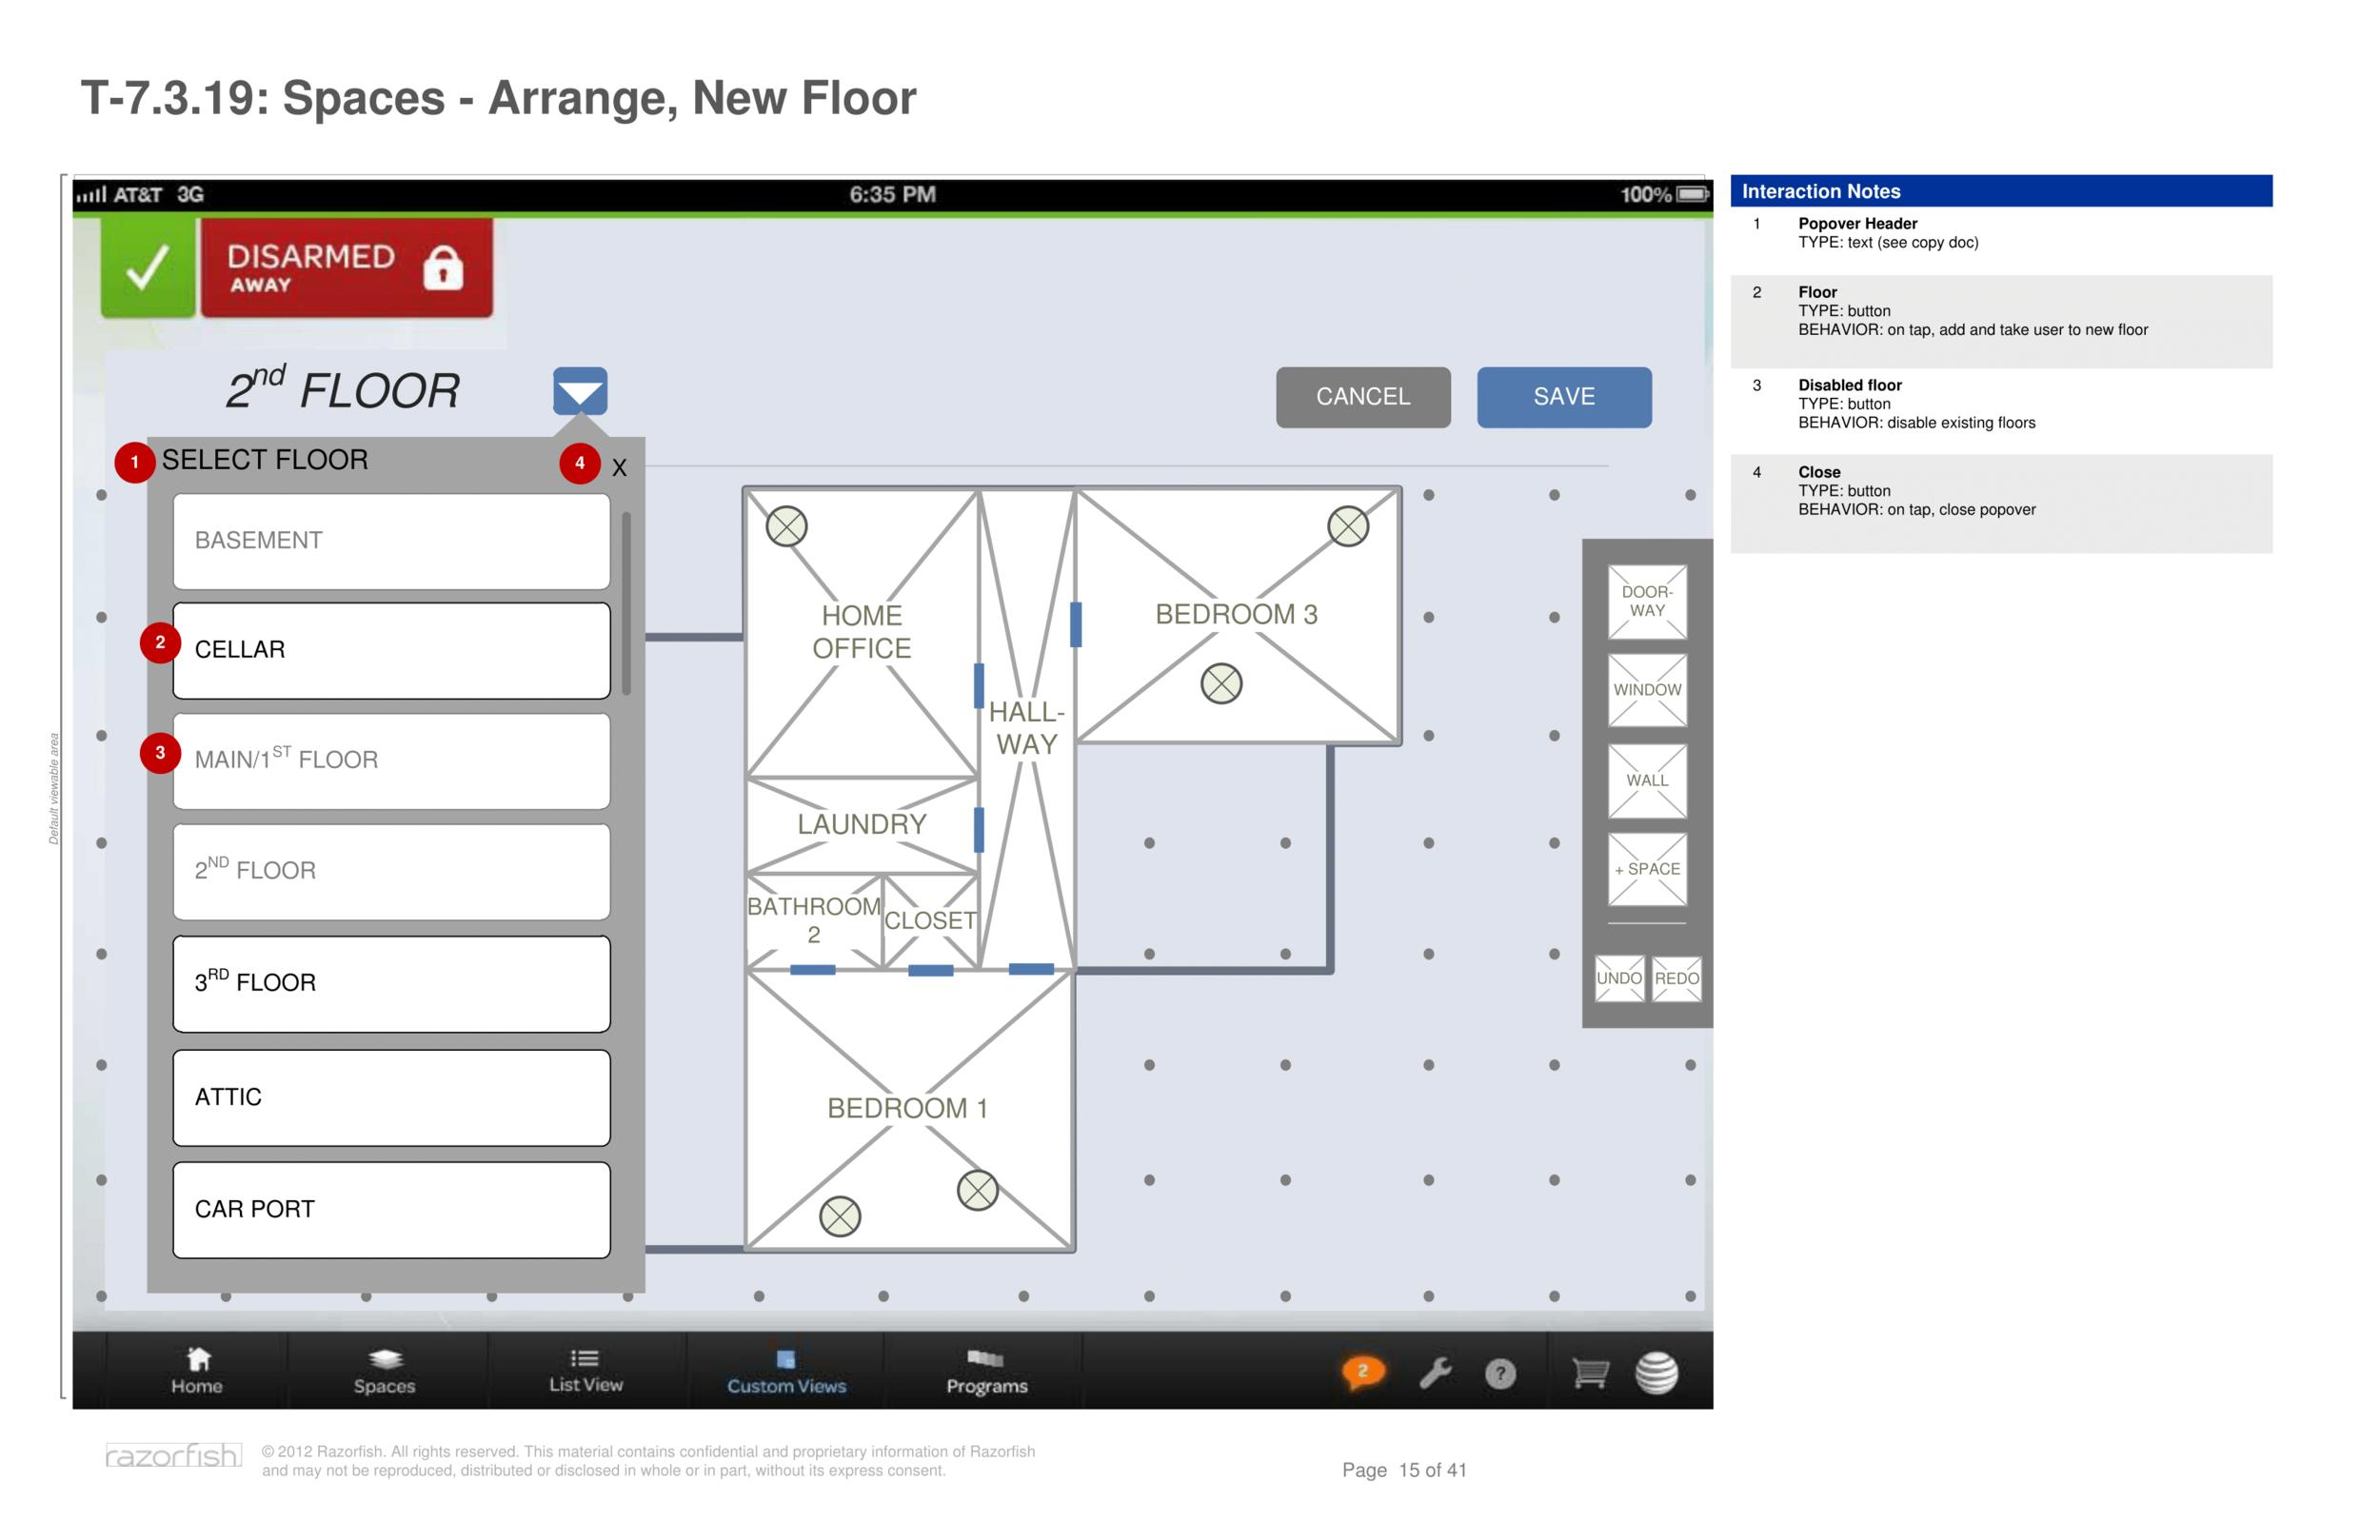 portfolio ATTDL_P1_iPad_Spaces_Wires_Draft_032612-15.png